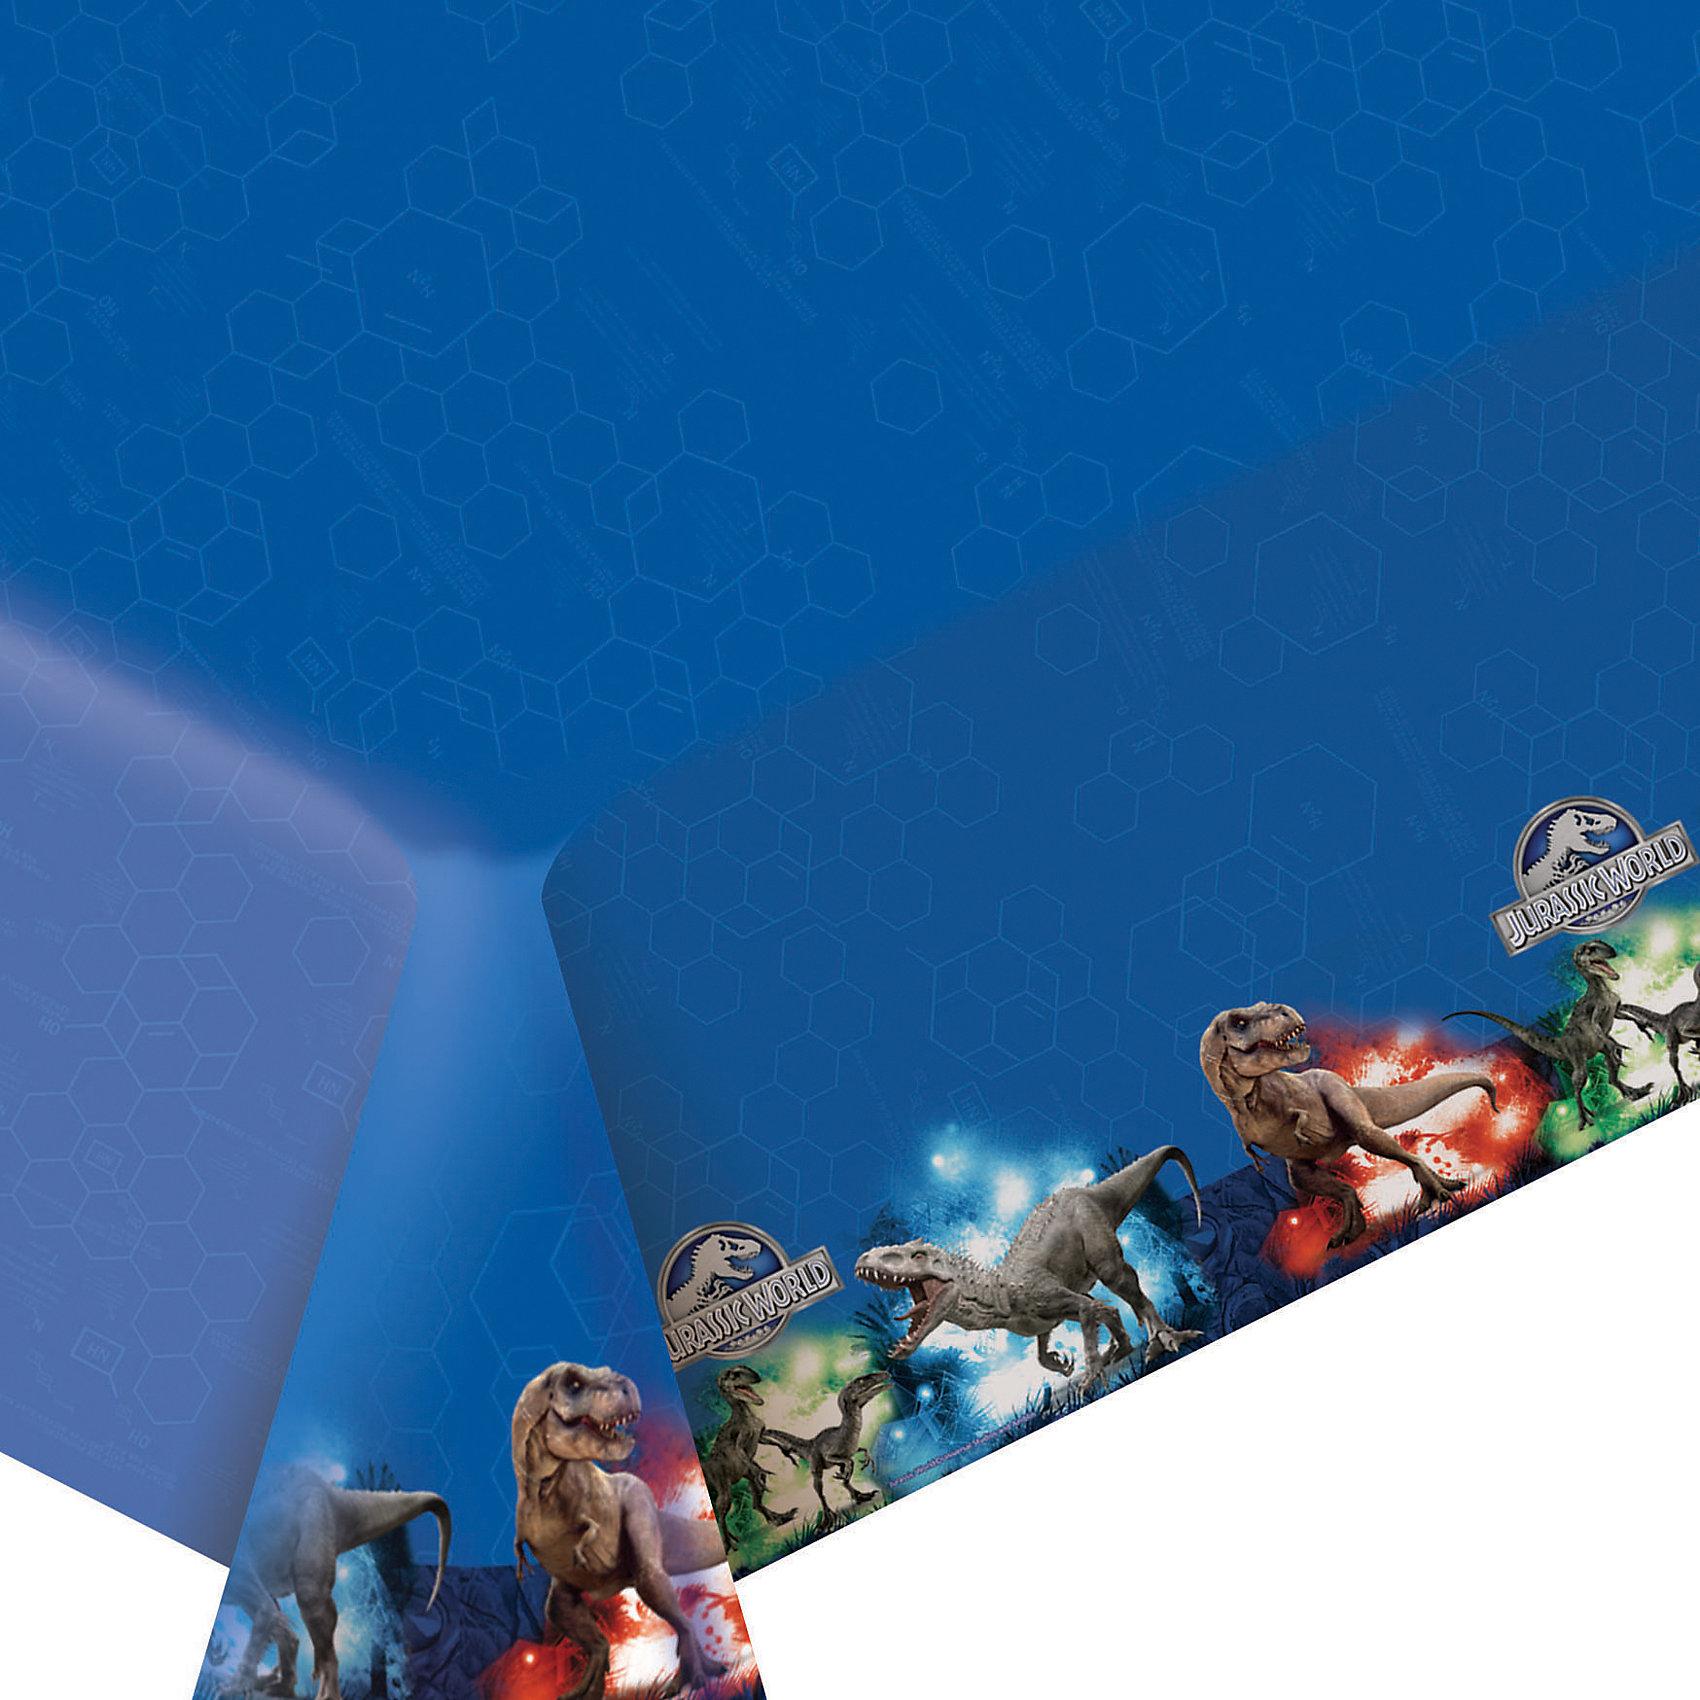 Скатерть Парк Юрского периода 133 * 183 смСтильная полиэтиленовая скатерть «Парк Юрского периода» размером 133х183 см поможет сделать детское торжество ярче и веселее: она отлично украсит праздничный стол и сохранит его в чистоте. А высокое качество скатерти позволит использовать ее много раз. Вы также можете выбрать другие товары из данной серии: стаканы, тарелки, салфетки, язычки, колпаки, маски, приглашение в конверте, маски, пакеты и др.<br><br>Ширина мм: 425<br>Глубина мм: 180<br>Высота мм: 2<br>Вес г: 106<br>Возраст от месяцев: 48<br>Возраст до месяцев: 120<br>Пол: Унисекс<br>Возраст: Детский<br>SKU: 4637463